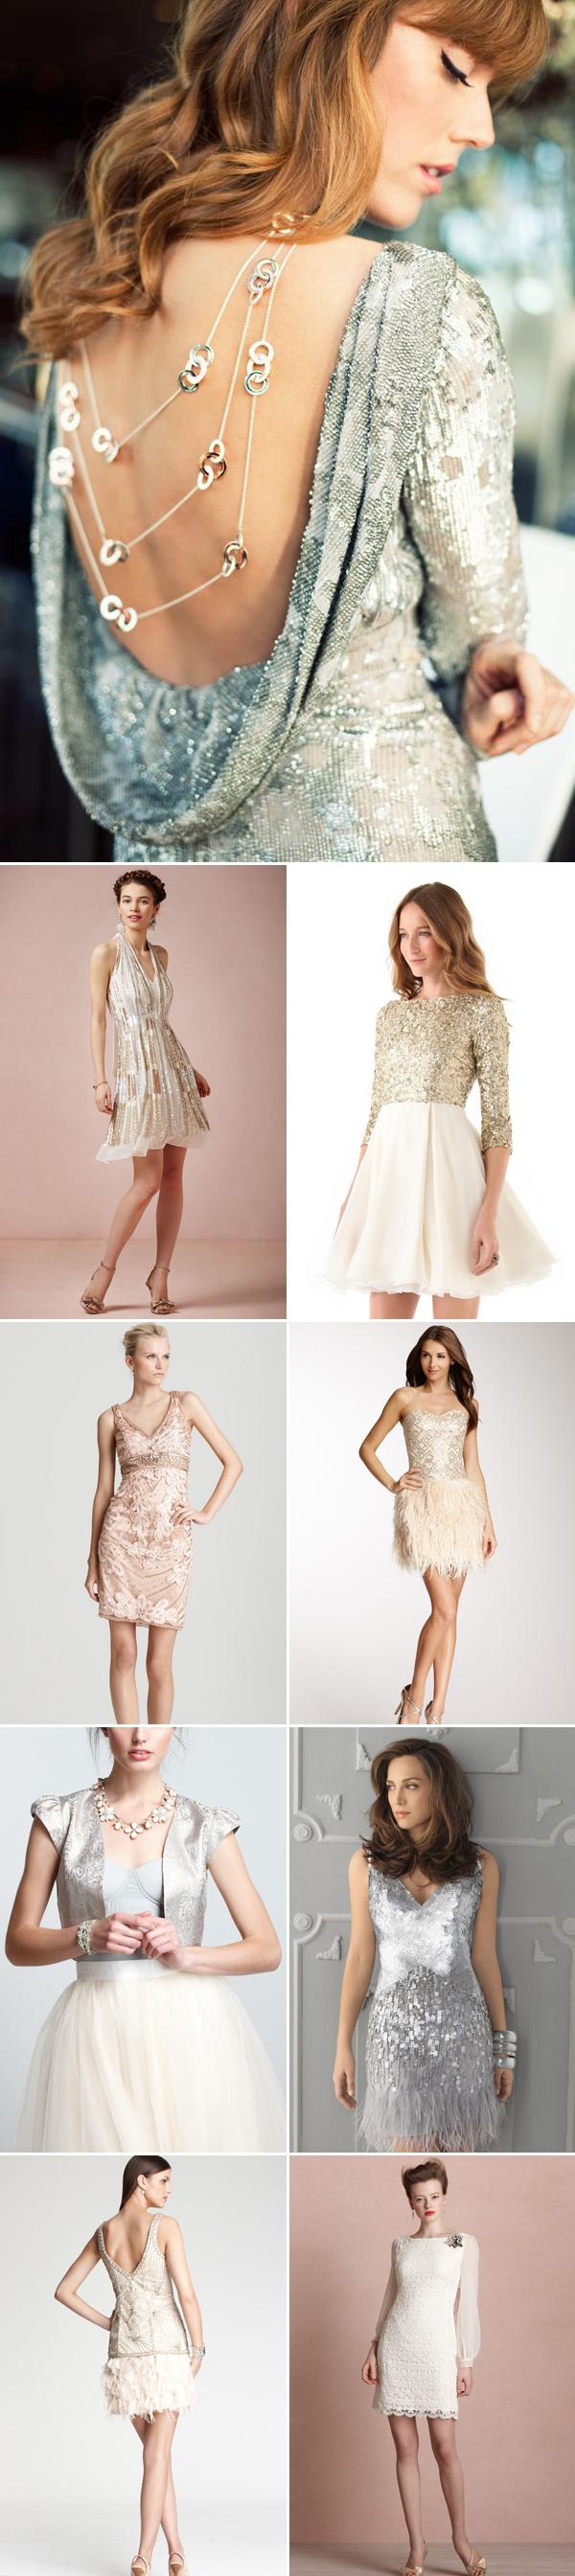 guest-dress01-goldsilver